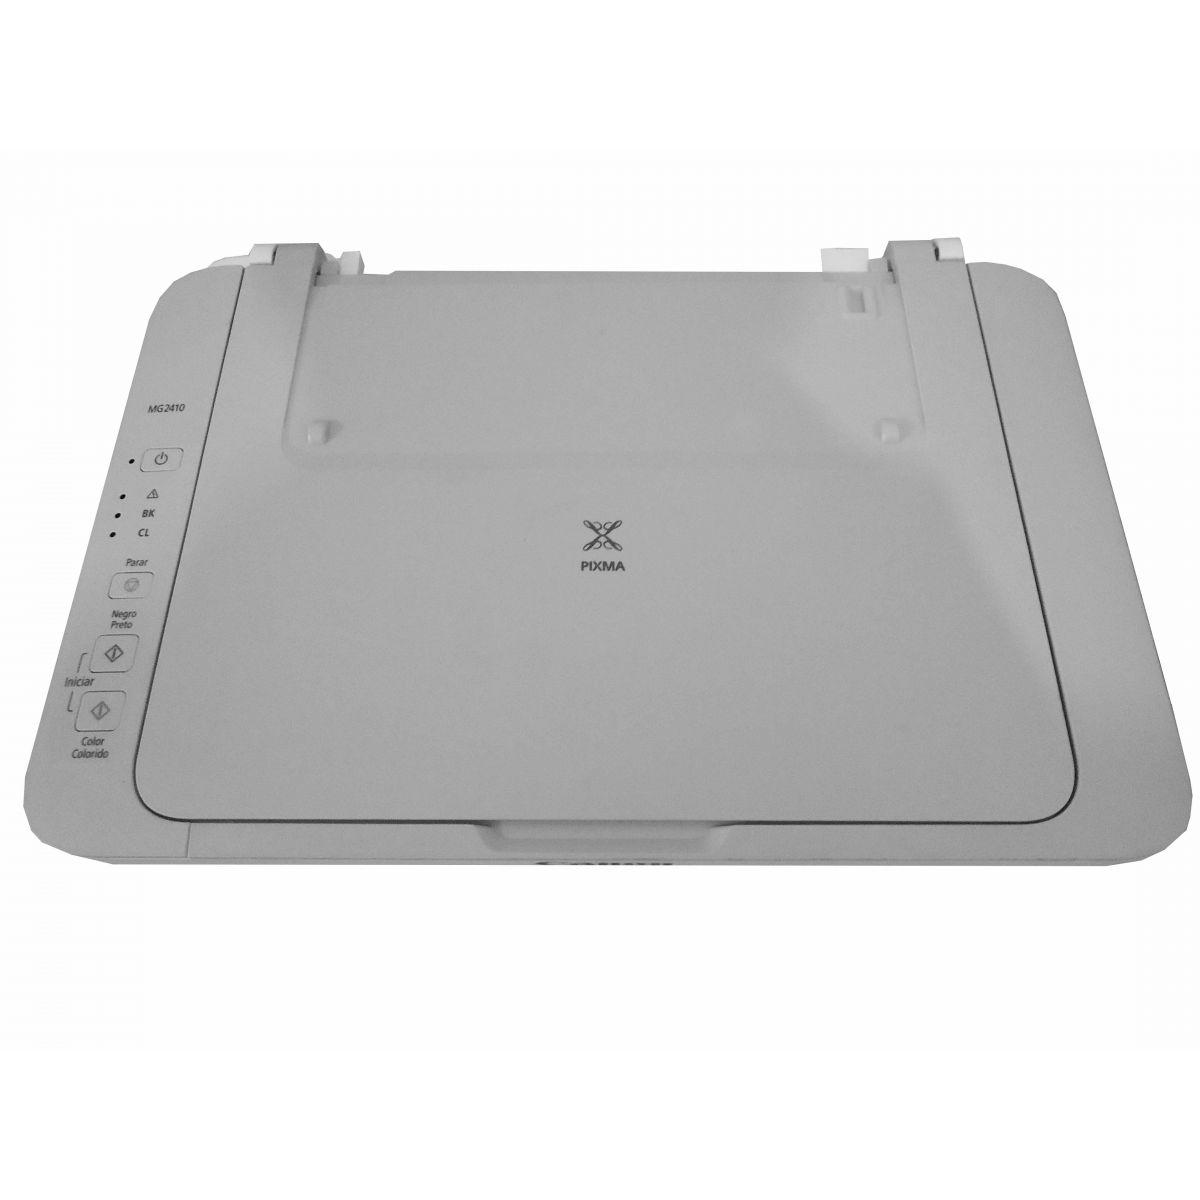 Scanner c/ Painel Impressora Canon PIXMA MG2410 (semi novo)